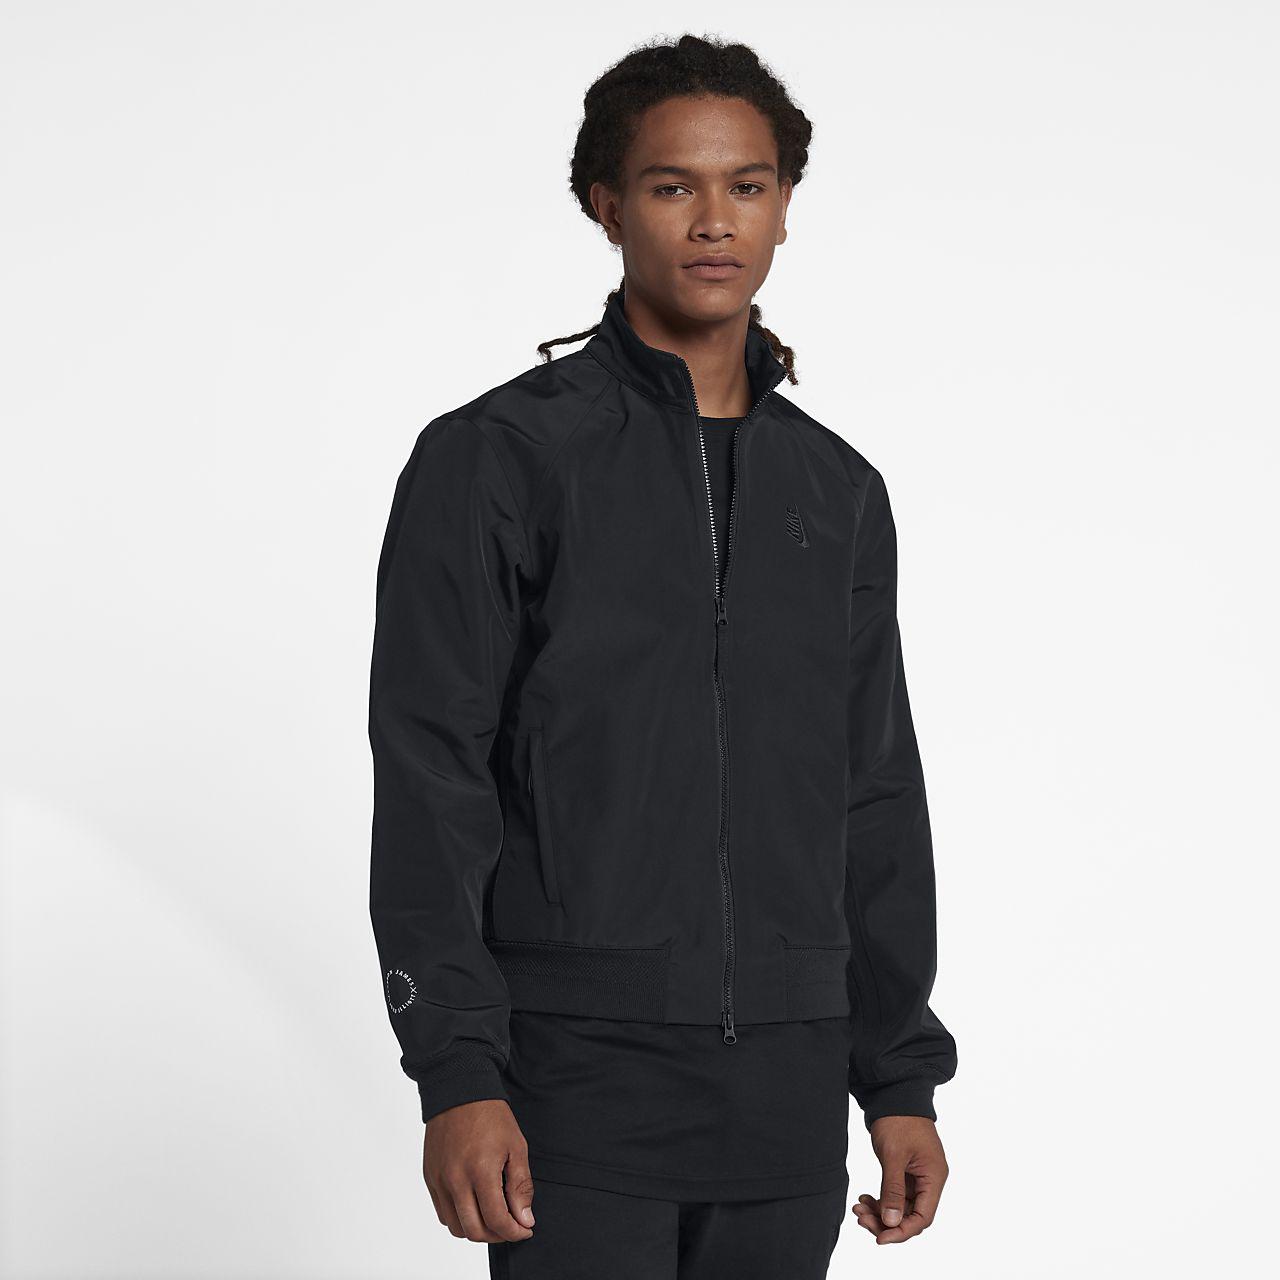 เสื้อแจ็คเก็ตบลูซองผู้ชาย LeBron James x John Elliott